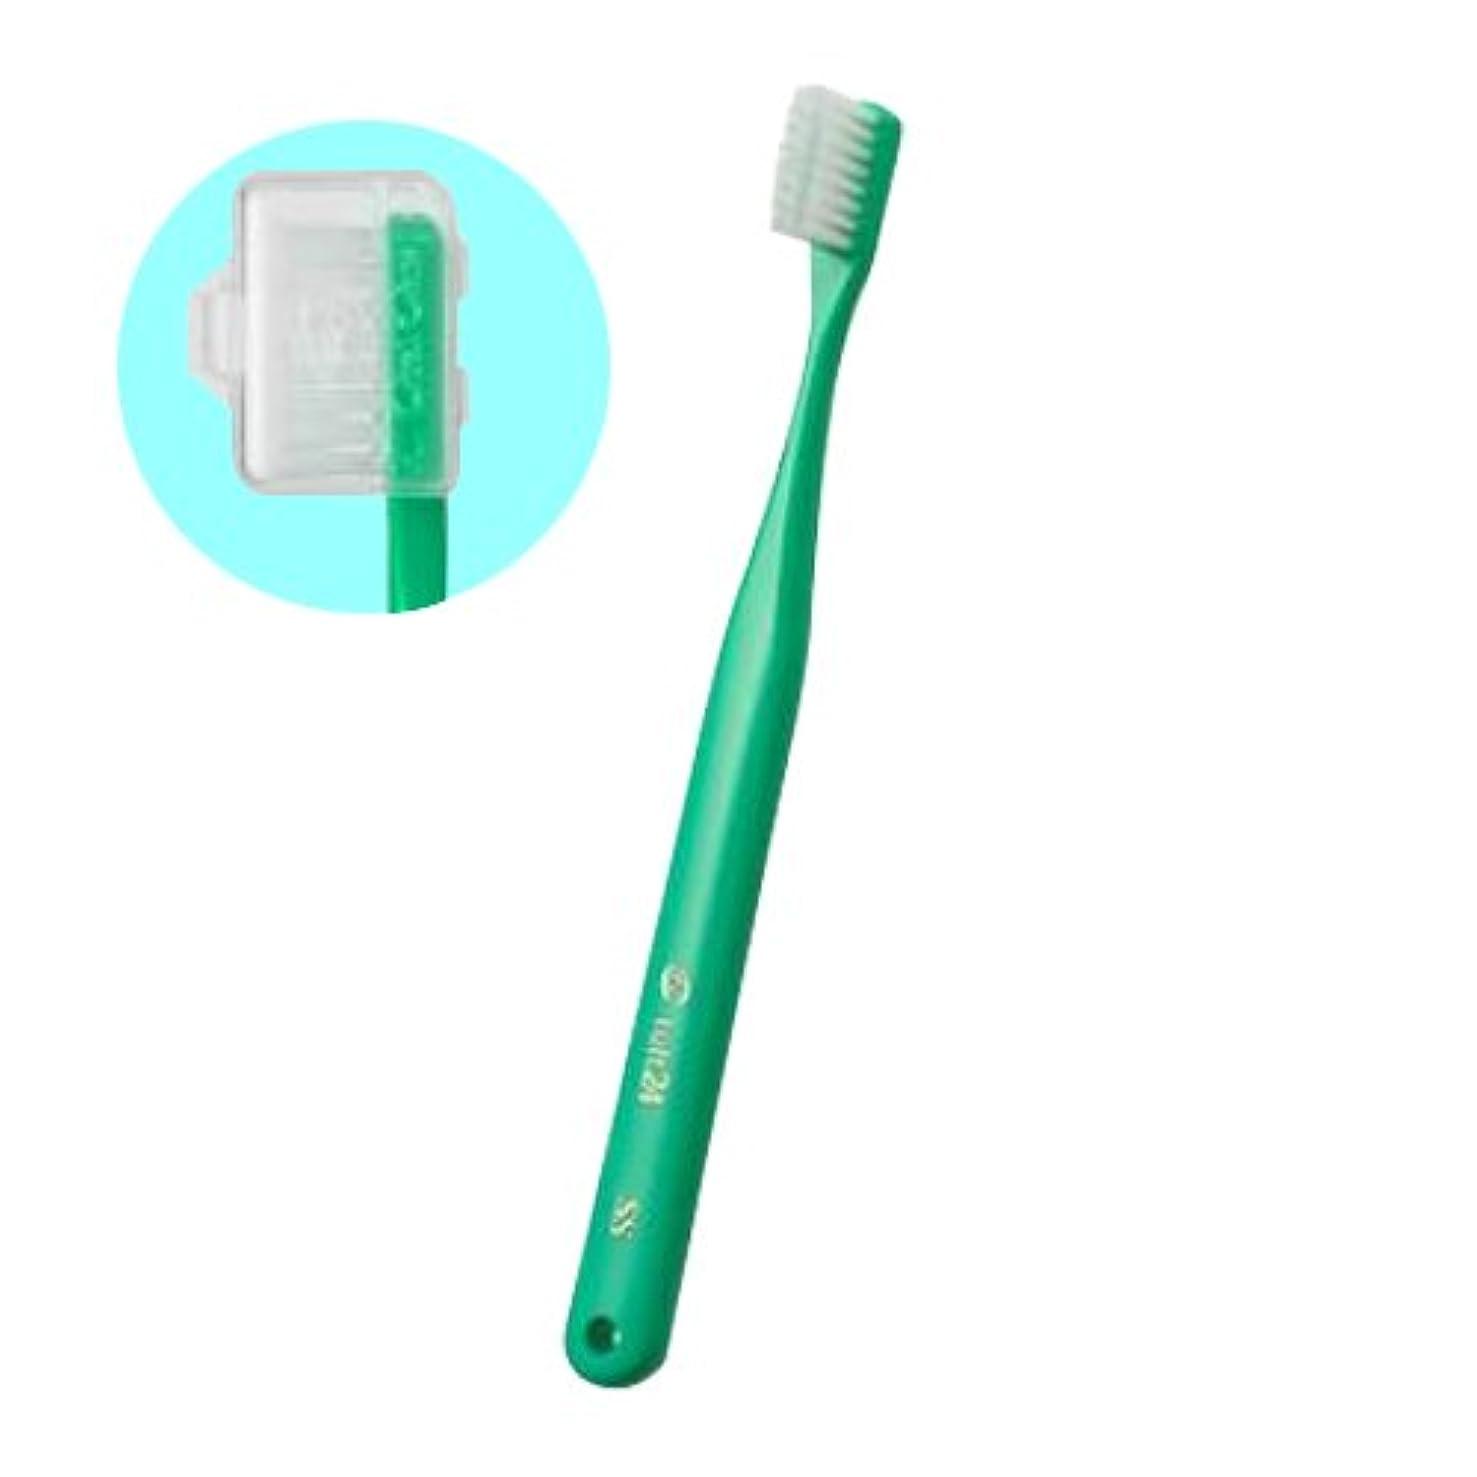 キャップ付き タフト 24 歯ブラシ エクストラスーパーソフト 1本 (グリーン)